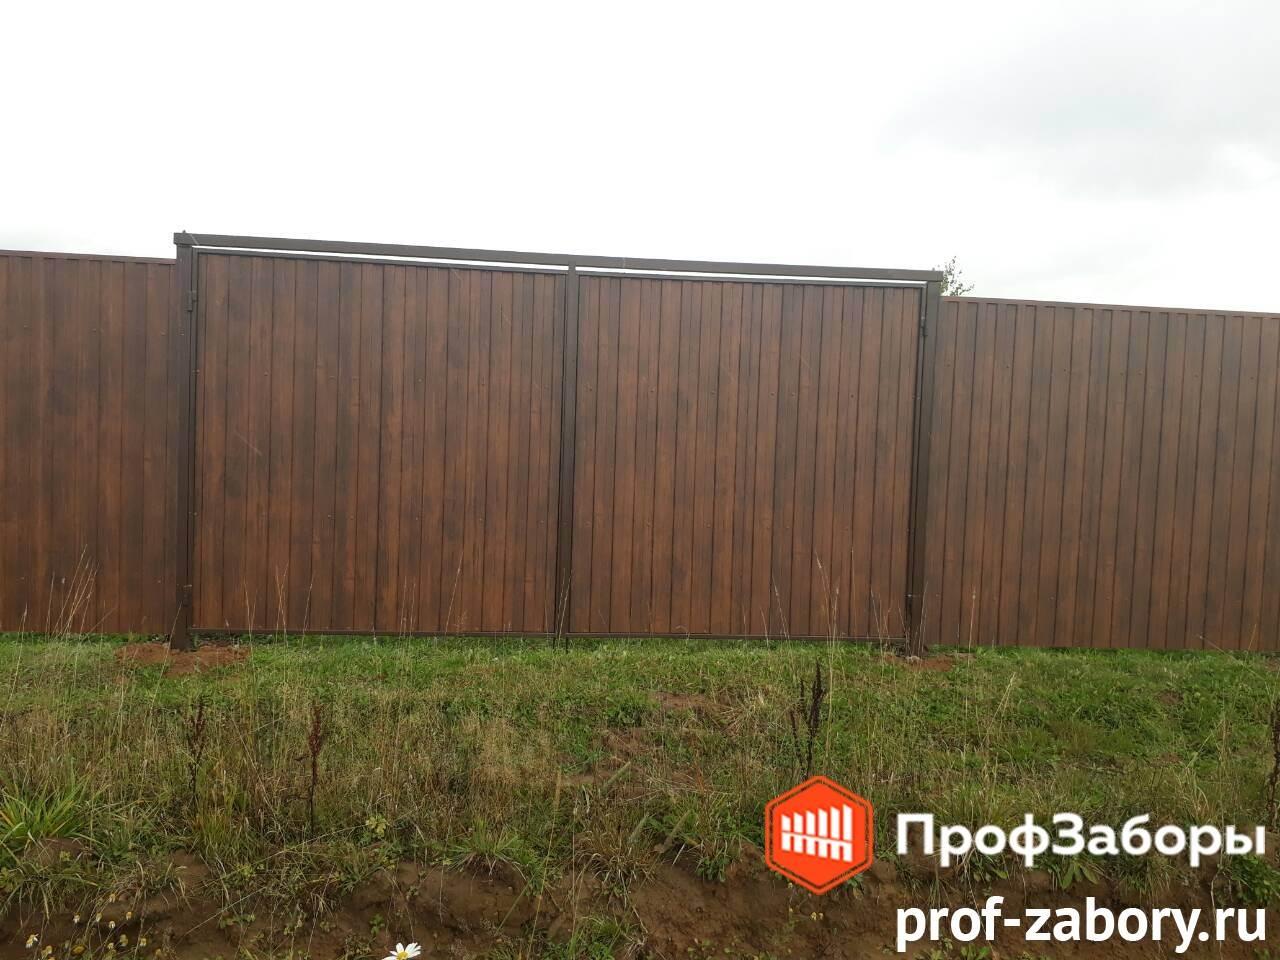 Заборы Из профнастила  - Городской округ Мытищи. Фото 4